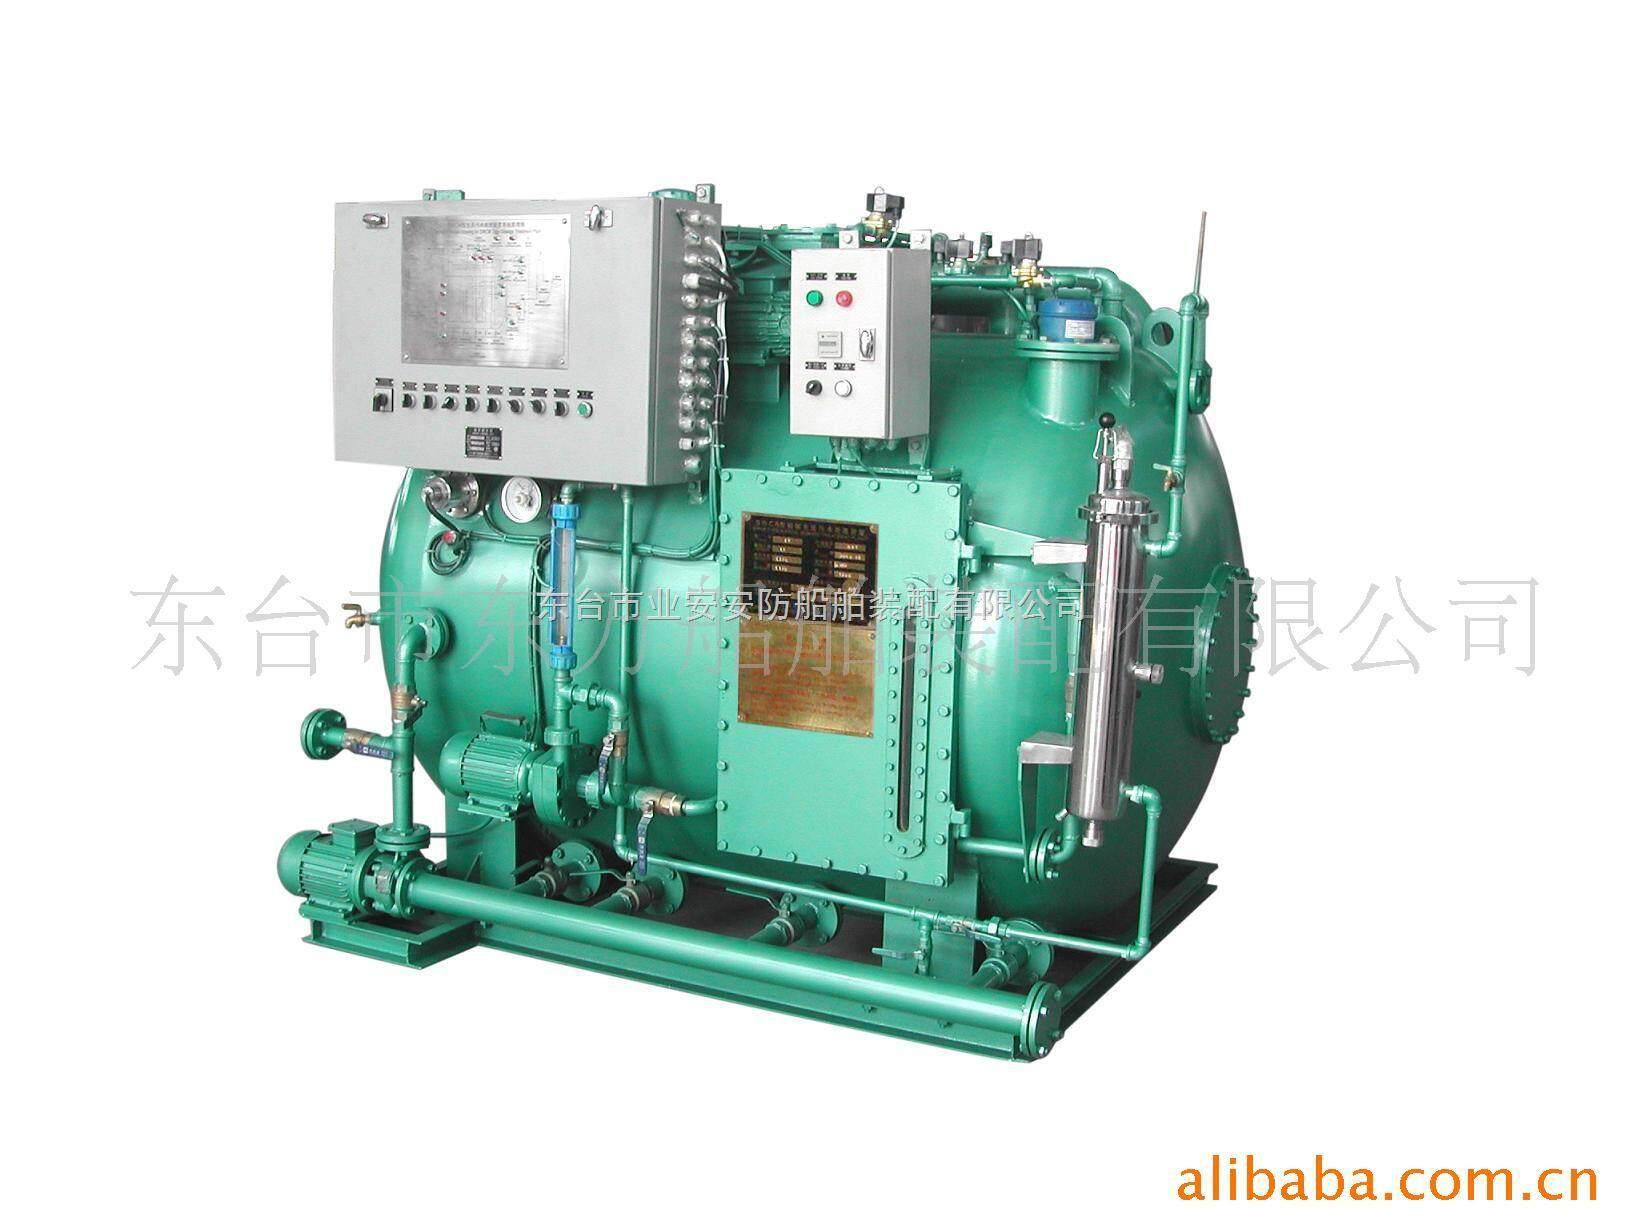 生活污水处理装置,黑龙江生活污水处理装置,SWCM型船用生活污水处理装置